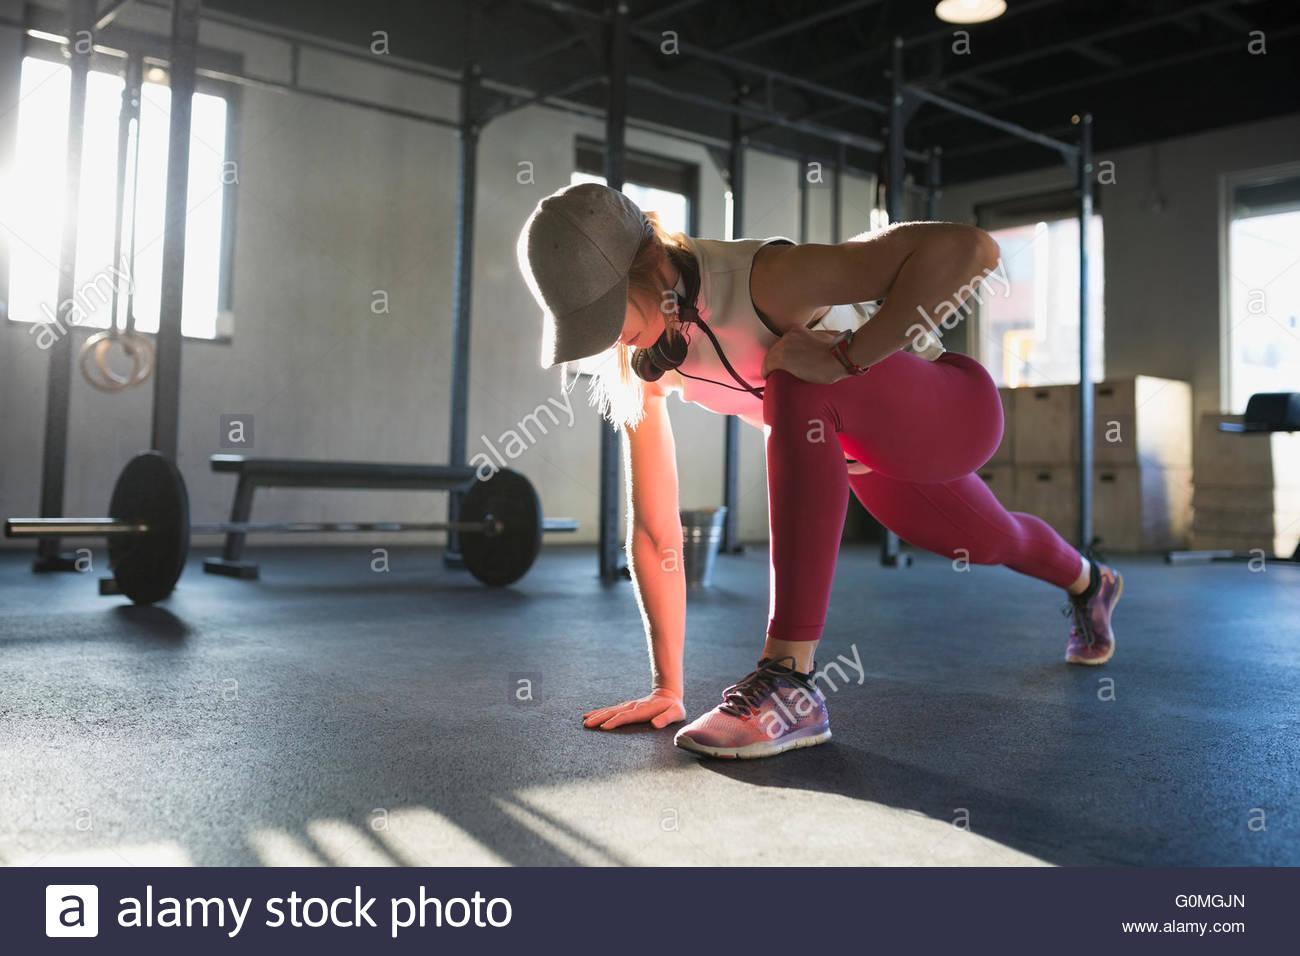 Mujer realizando lunge deslizaderas en el gimnasio Imagen De Stock